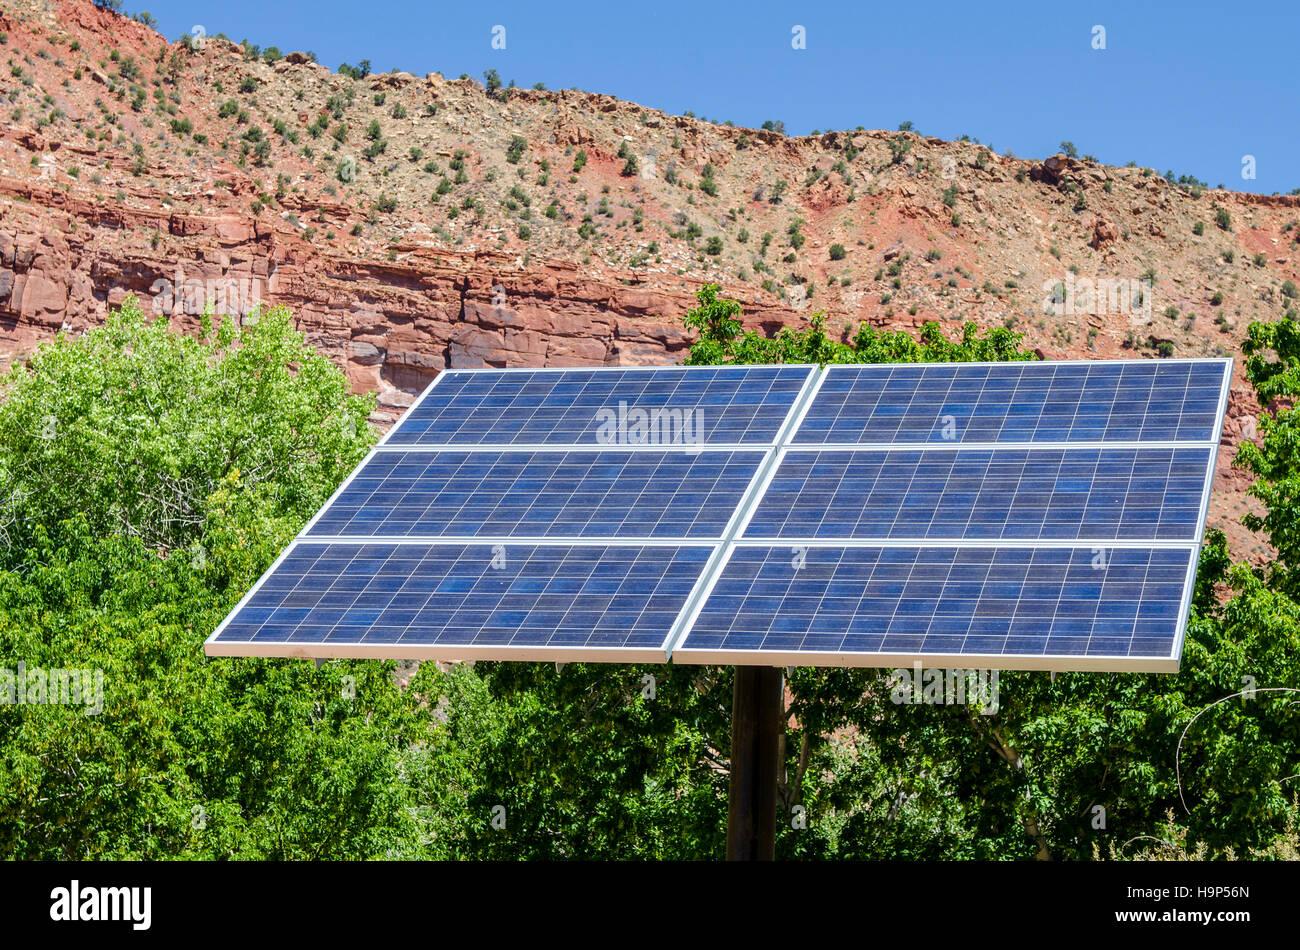 Los paneles solares, Springdale, el Parque Nacional de Zion, Utah, EE.UU.. Imagen De Stock